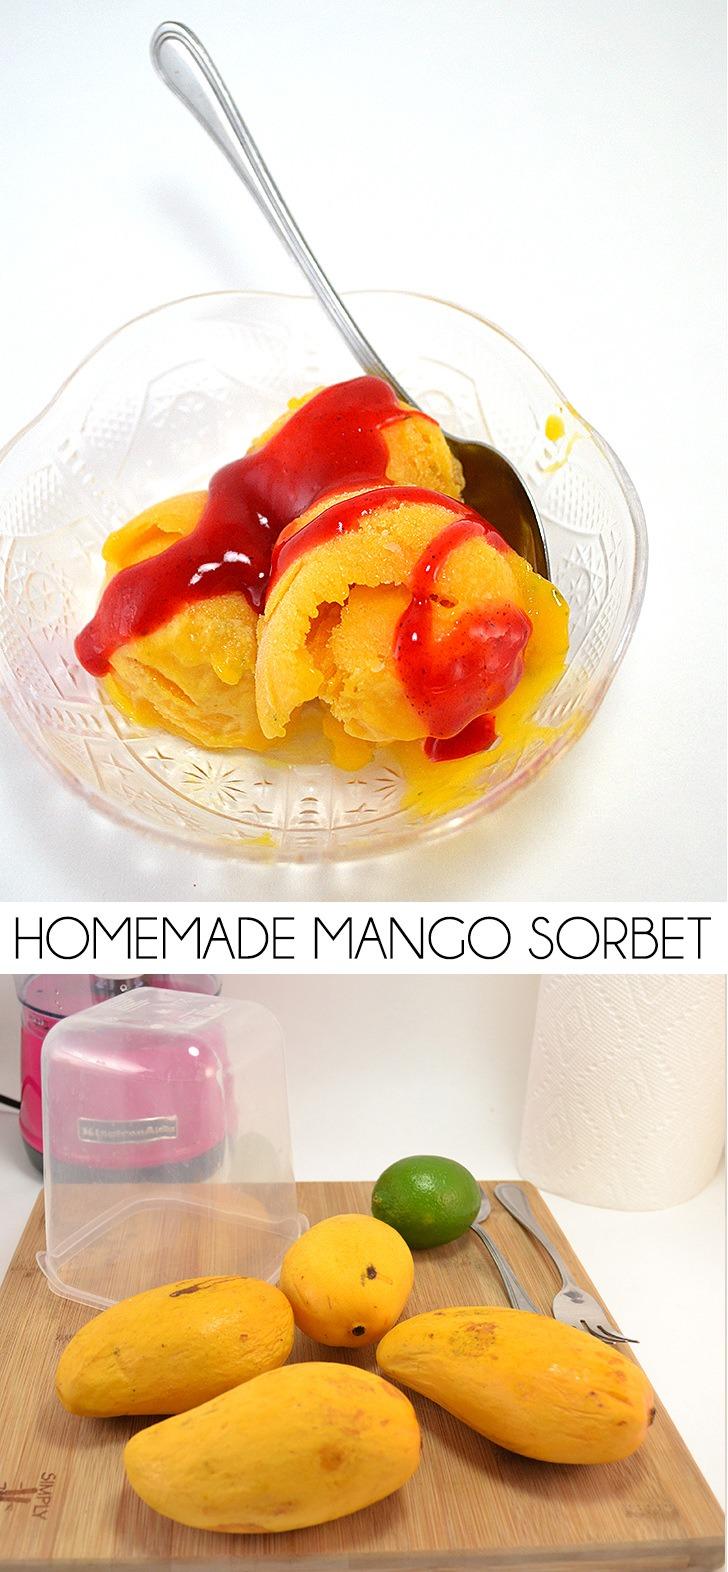 Creamy Homemade Mango Sorbet Recipe